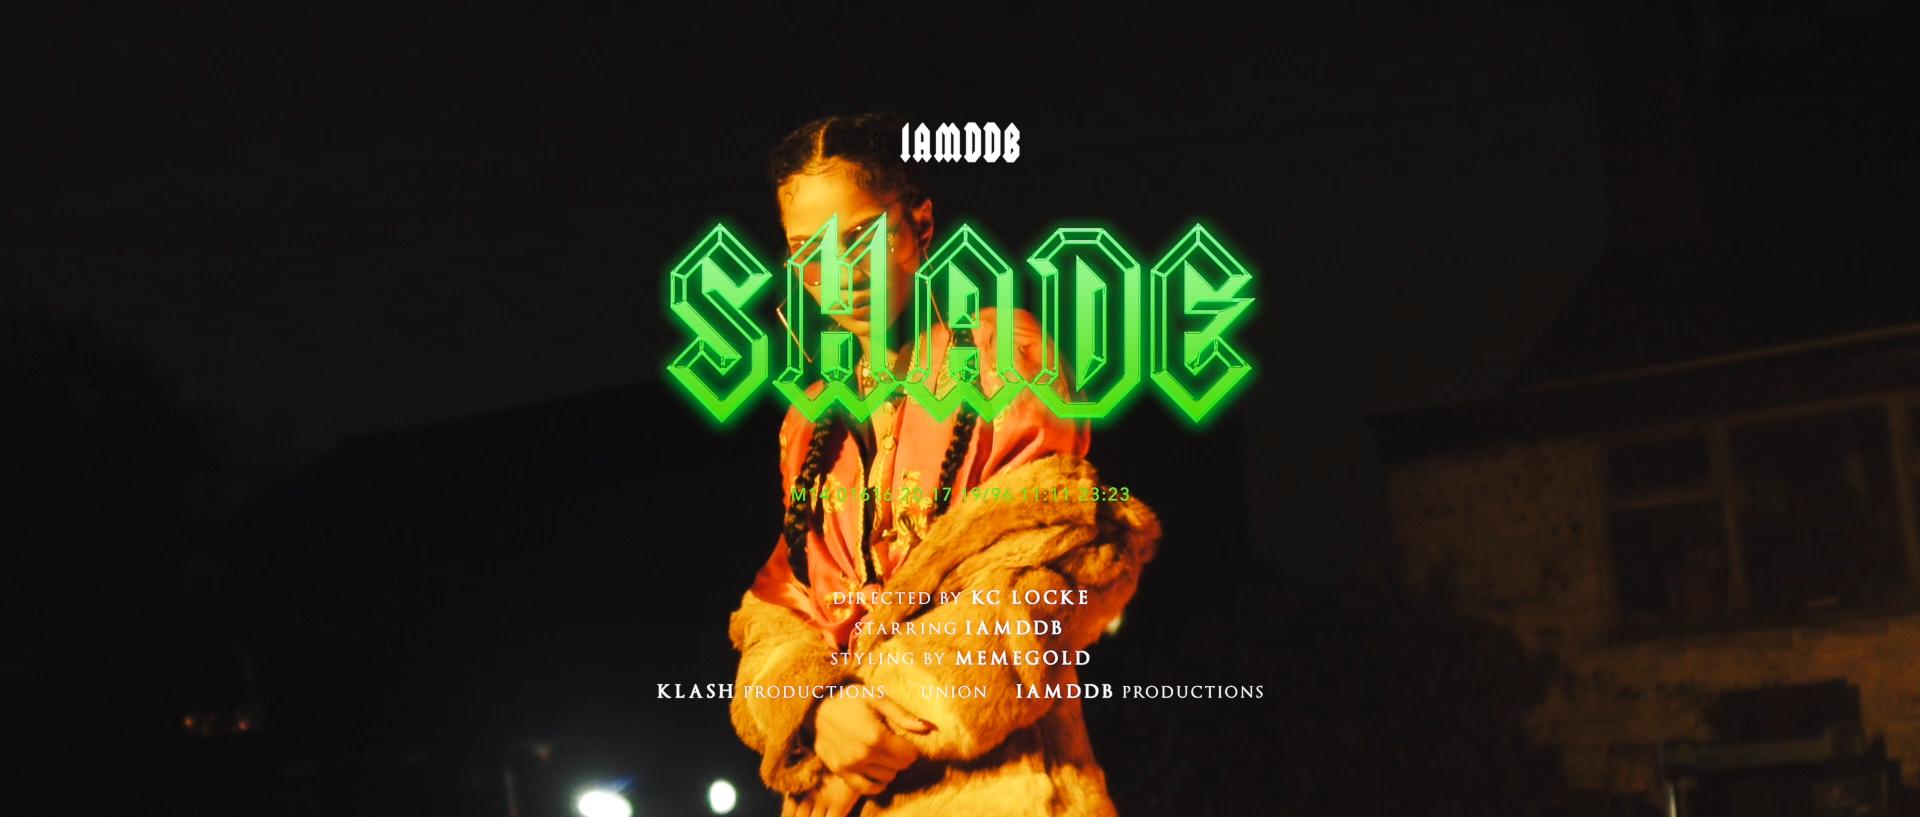 iamddb.shade.kc.locke-136.jpg